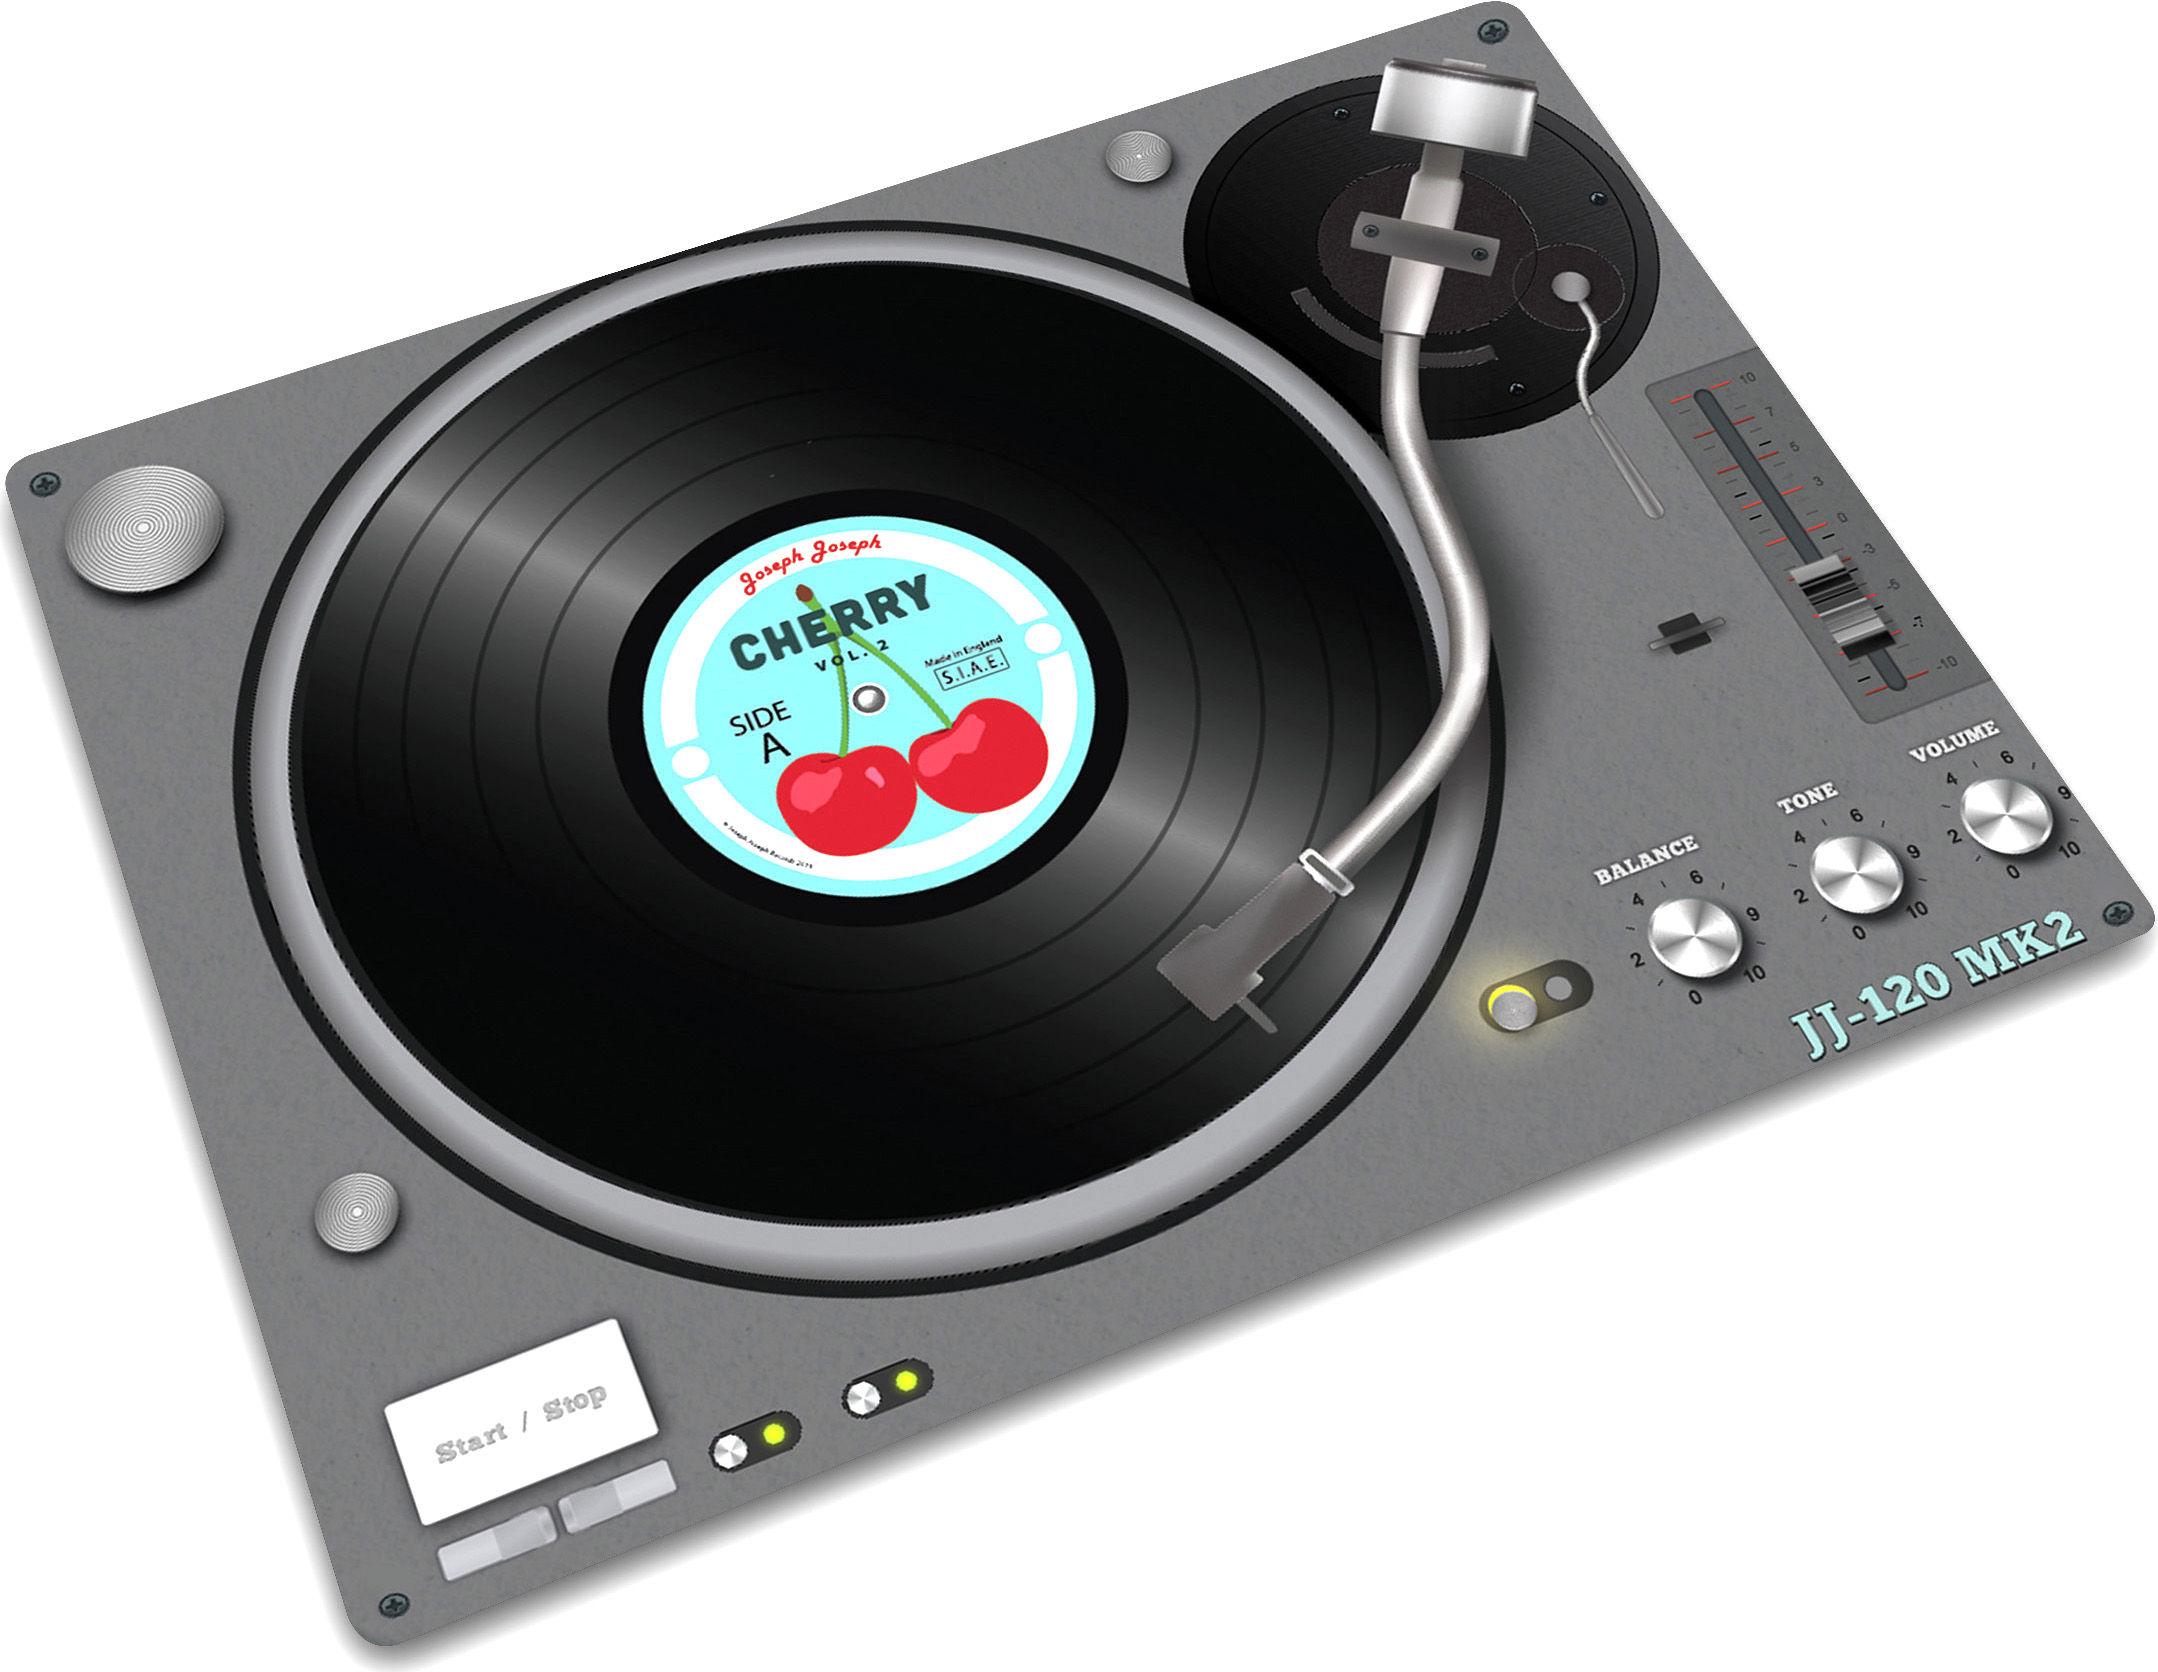 Cuisine - Pratique & malin - Planche à découper Record player / 40 x 30 cm - Joseph Joseph - Table de mixage - Caoutchouc, Verre